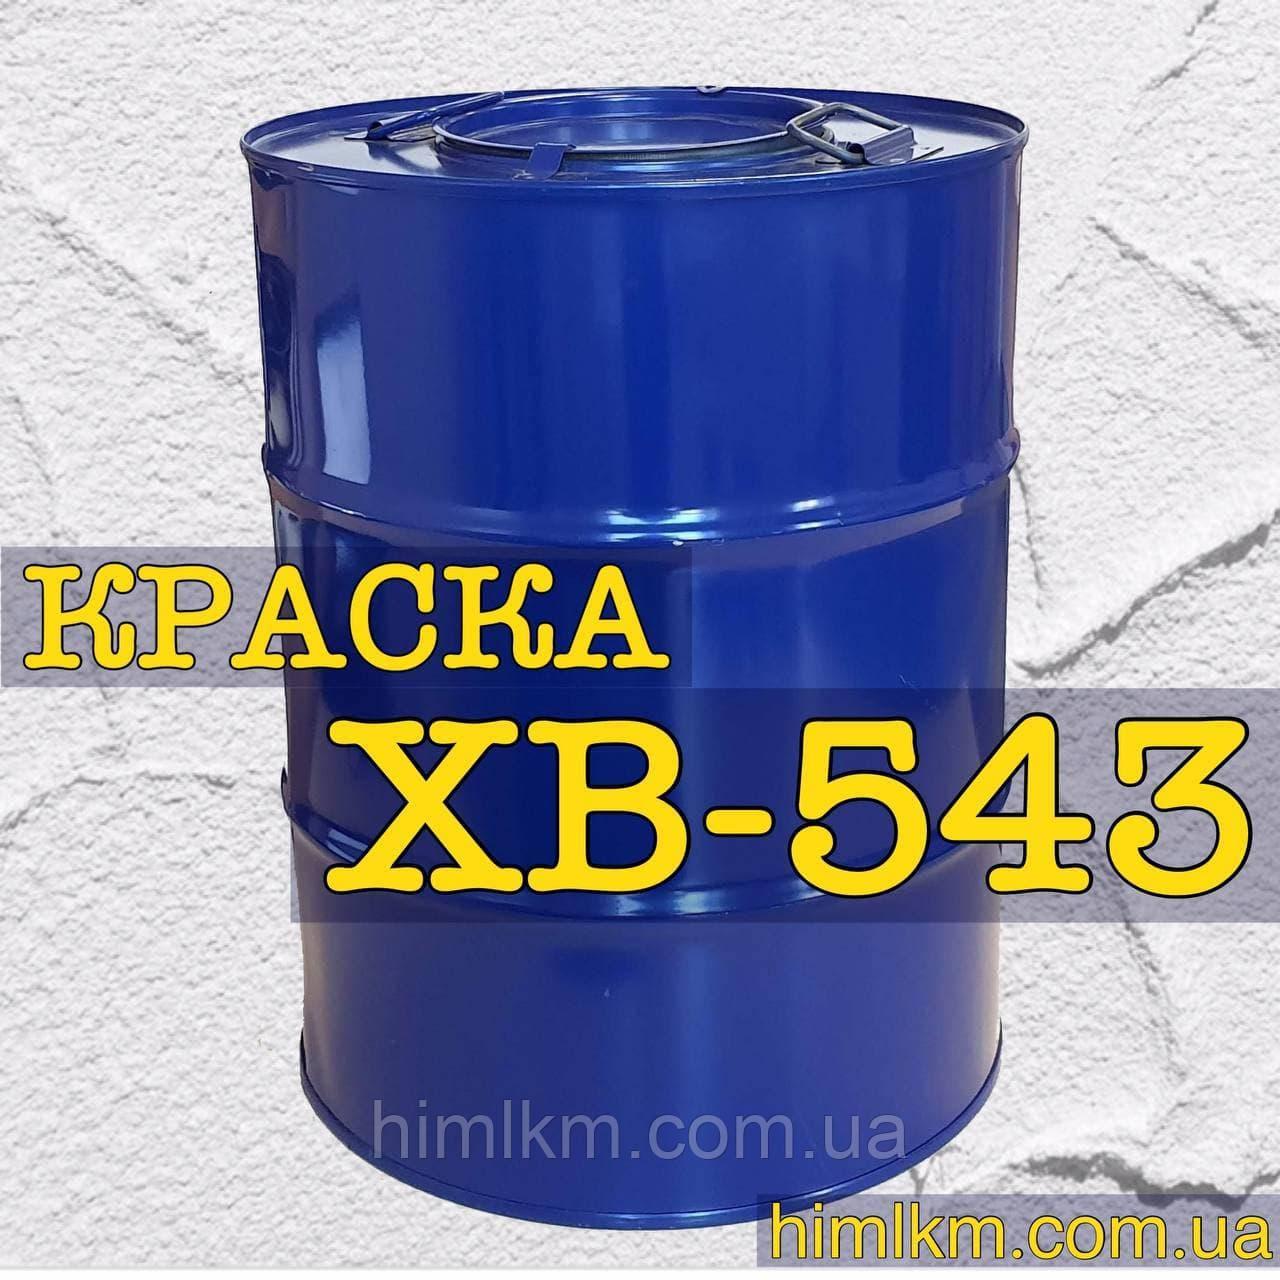 Фарба ХВ-543 для фарбування неробочих поверхонь оптичних деталей (фасок) і електронних приладів, 50кг